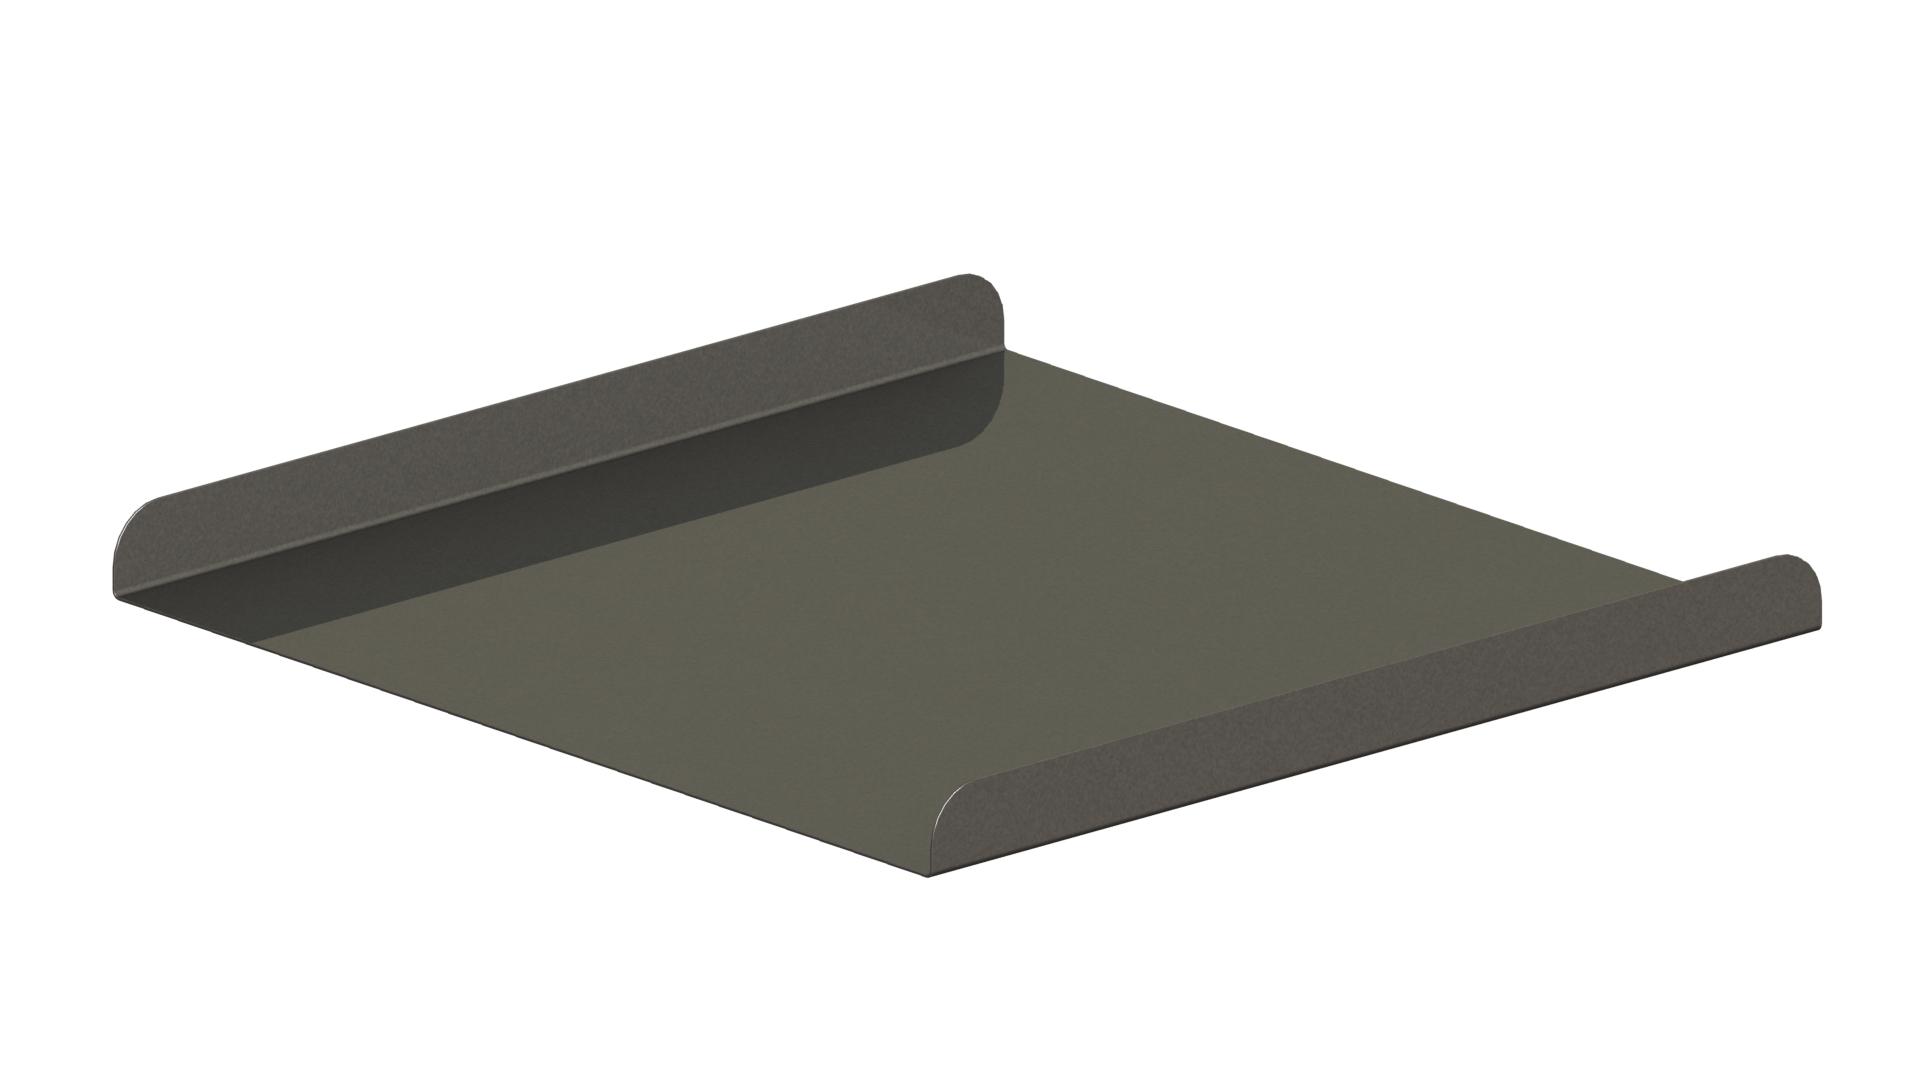 Metall-Tischplatte für Sitzwürfel